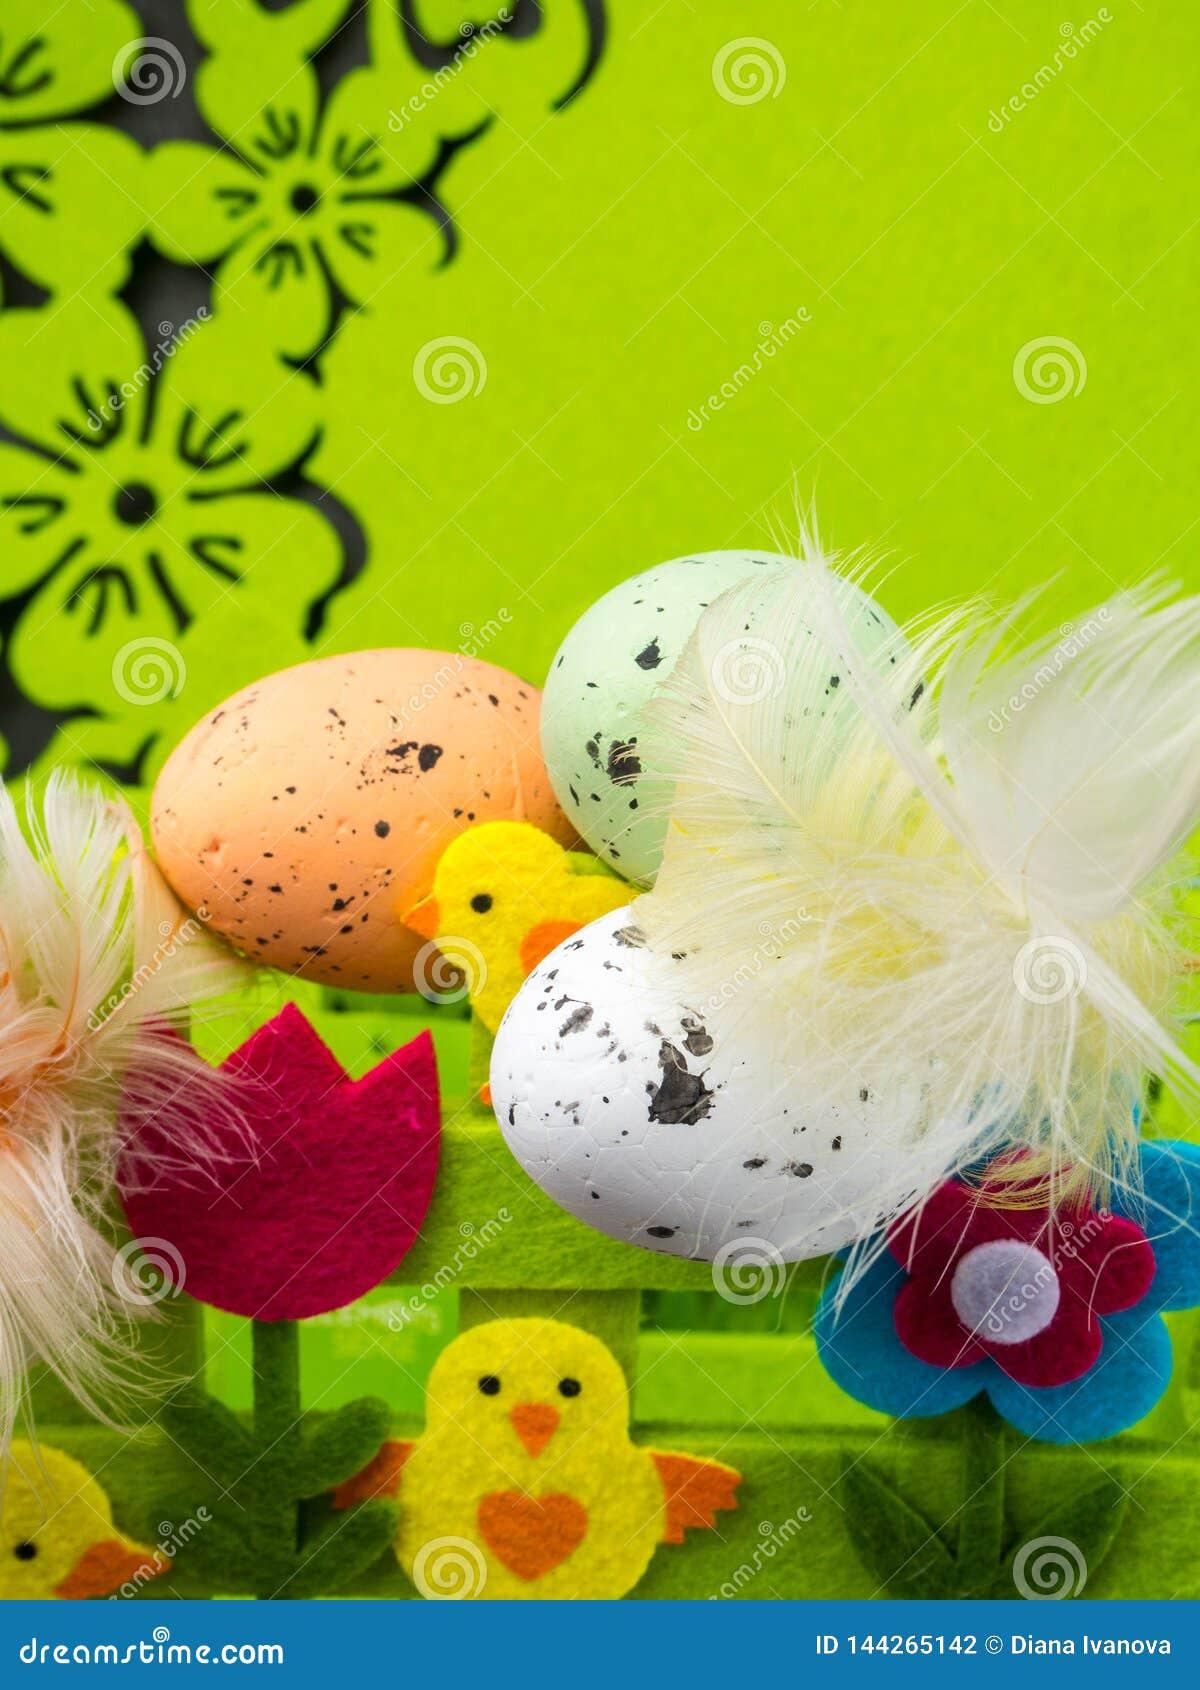 复活节构成、五颜六色的鸡蛋与羽毛,装饰花和黄色小鸡